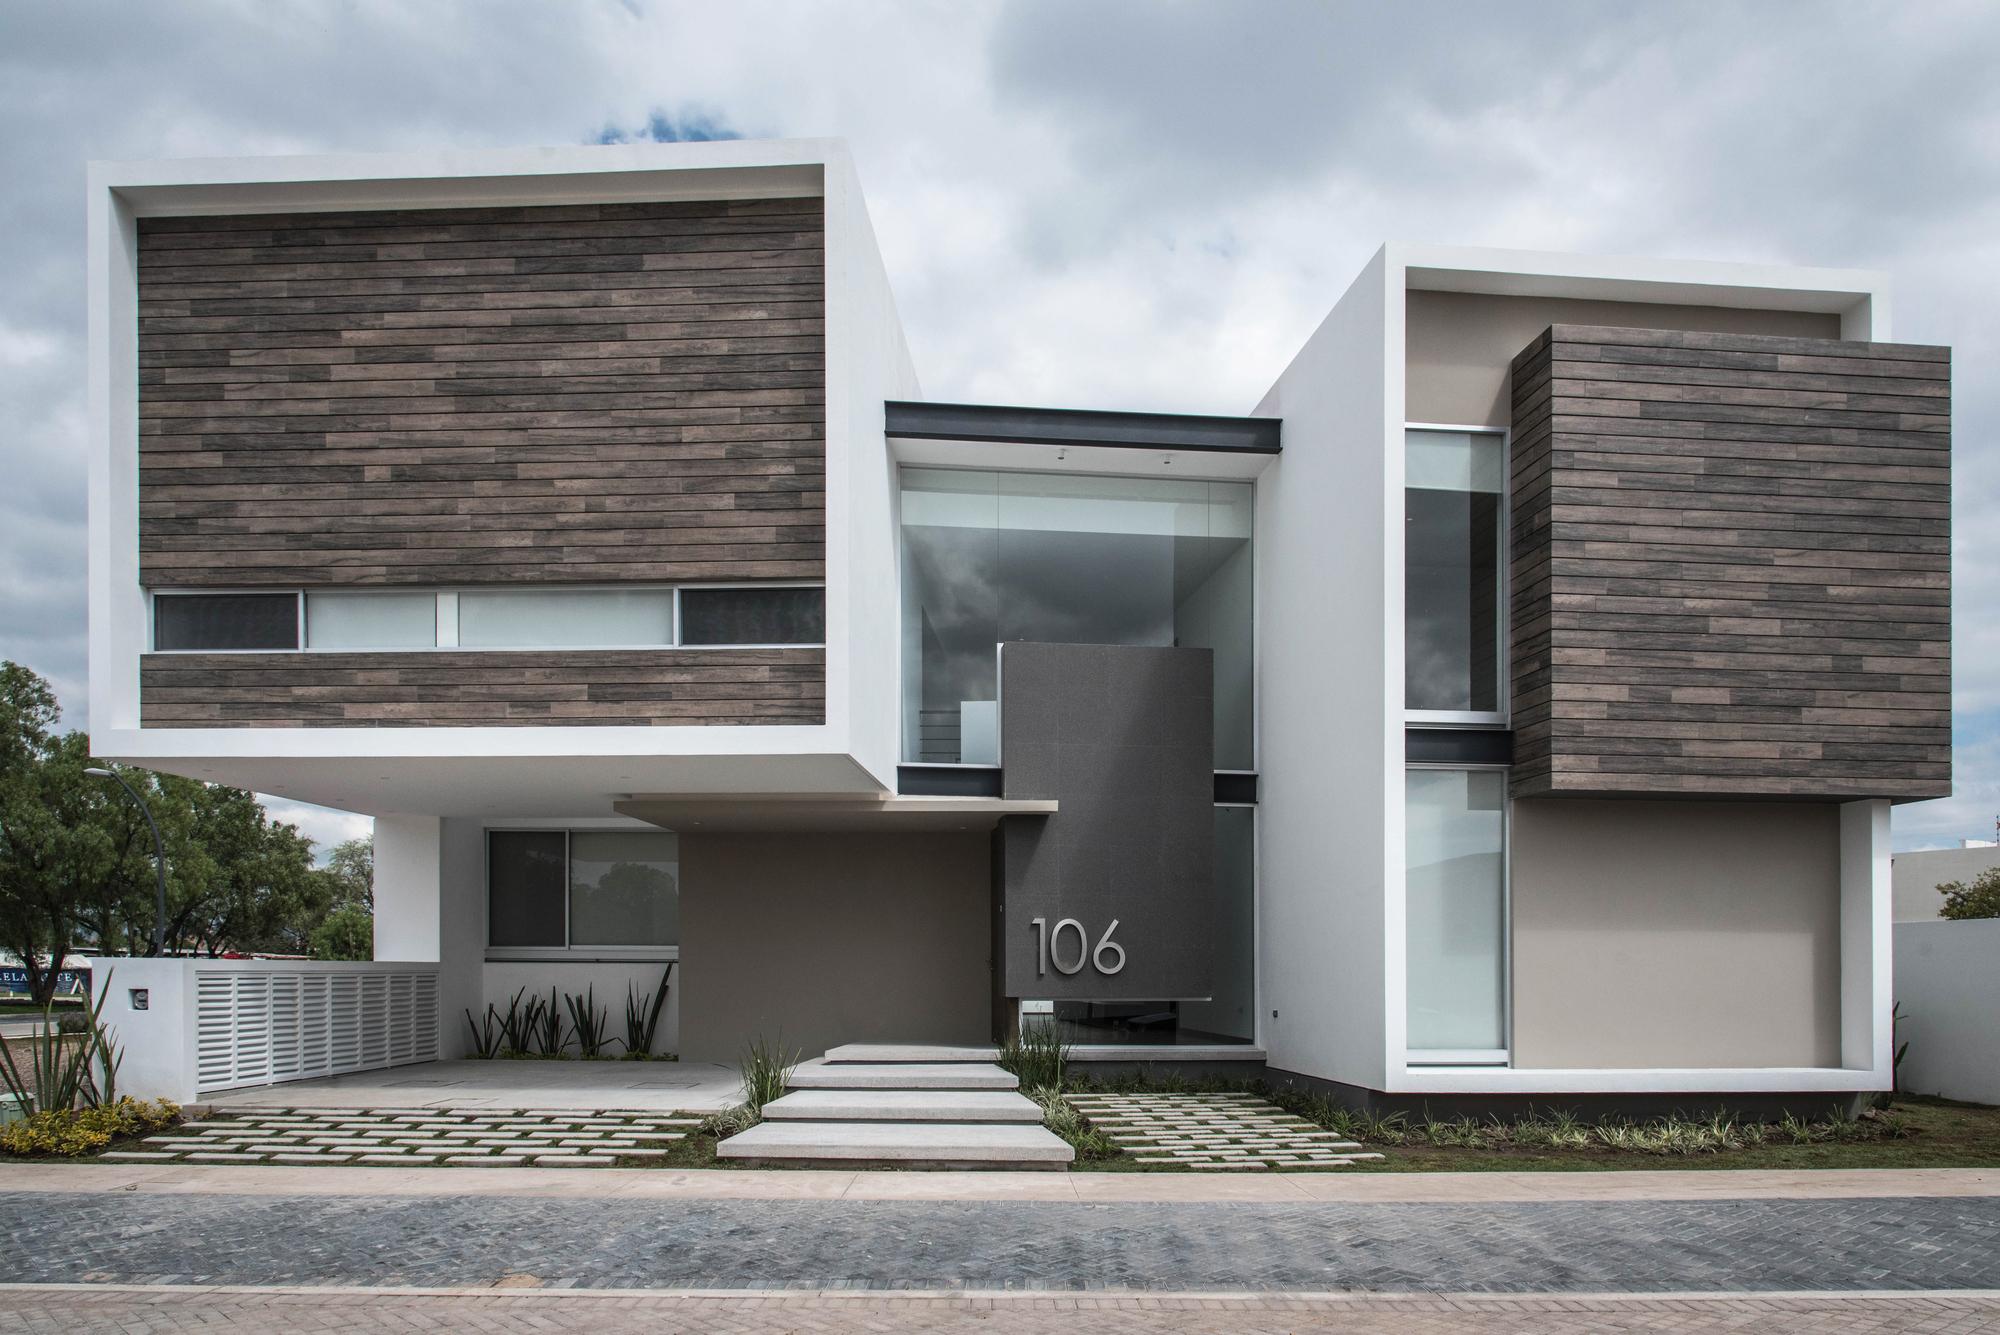 Galer a de casa r p adi arquitectura y dise o interior 5 - Diseno y arquitectura ...